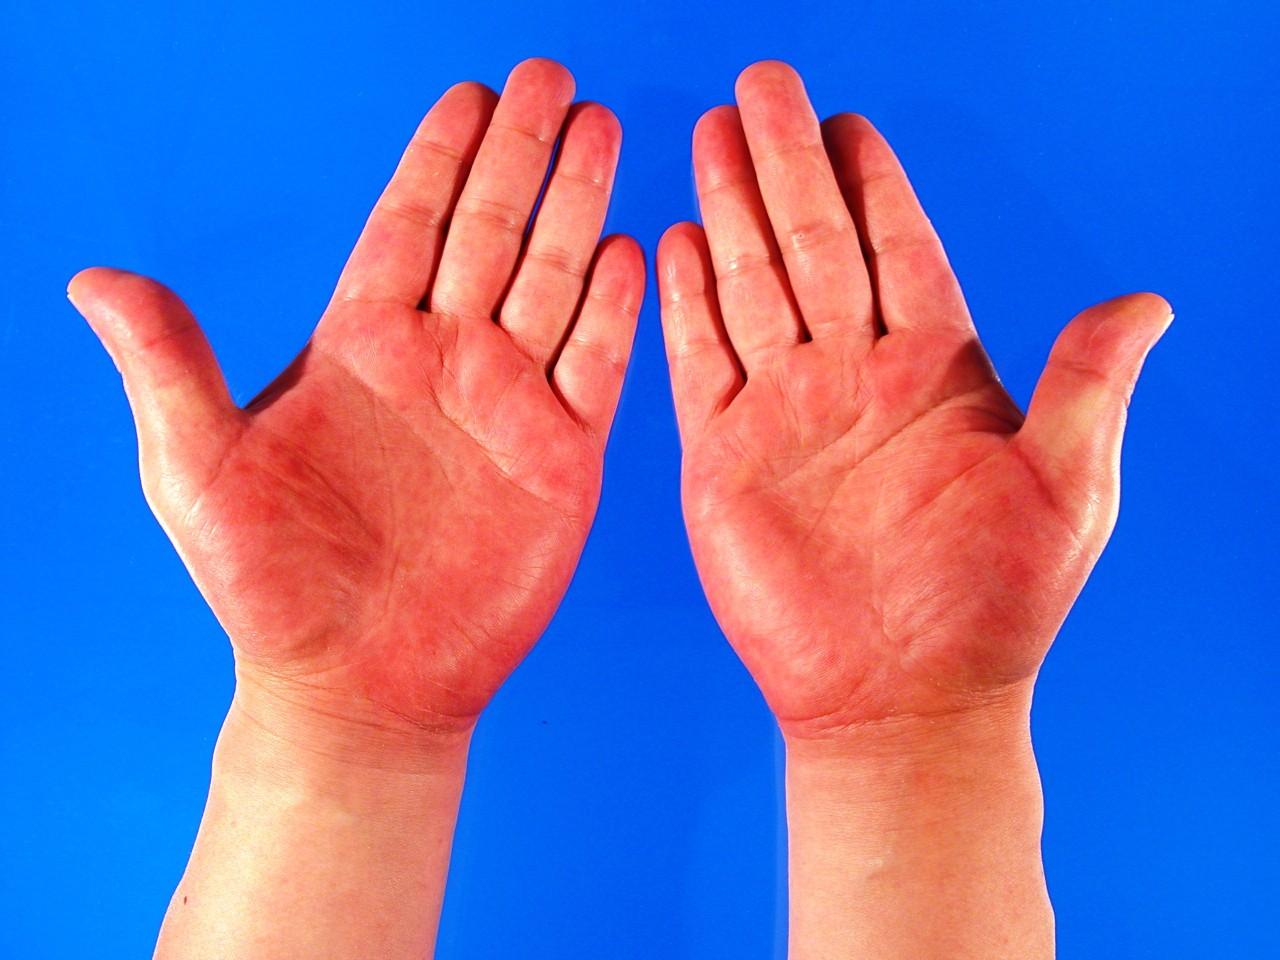 Nhìn màu sắc lòng bàn tay để nhận biết tình trạng sức khoẻ hiện tại của bạn - Ảnh 1.